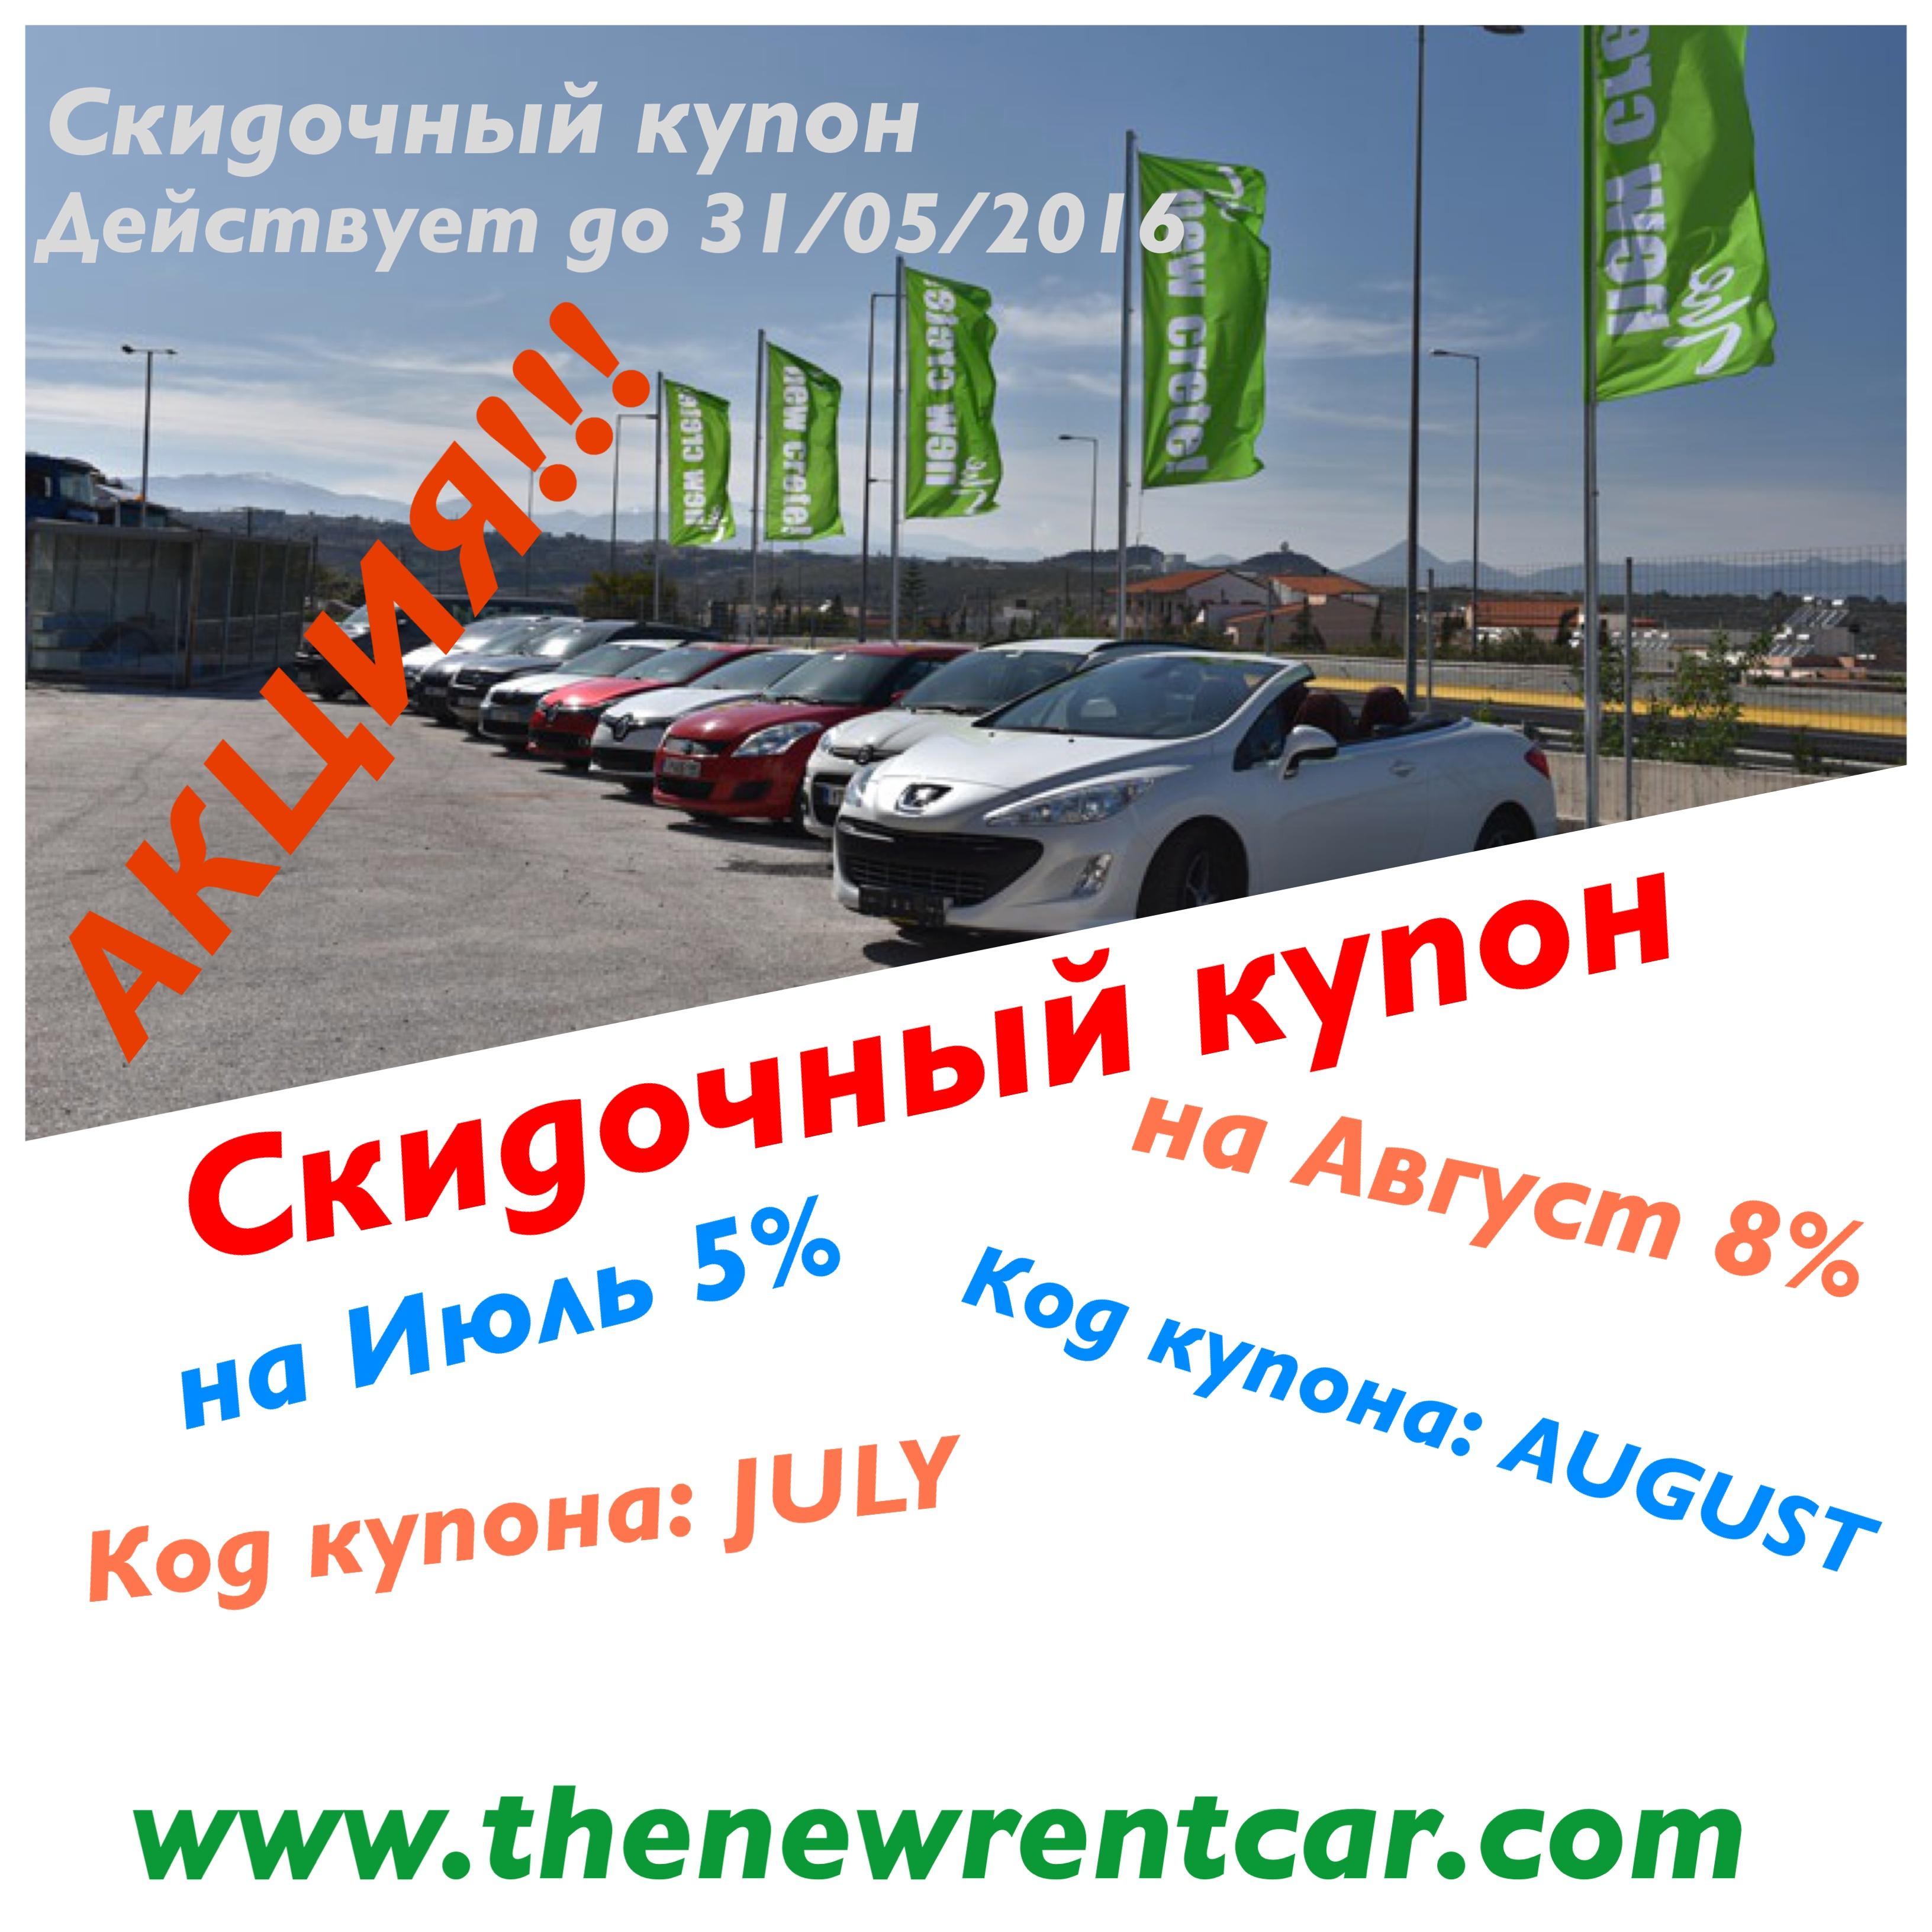 Внимание АКЦИЯ!!! Аренда авто на Крите TheNewCrete